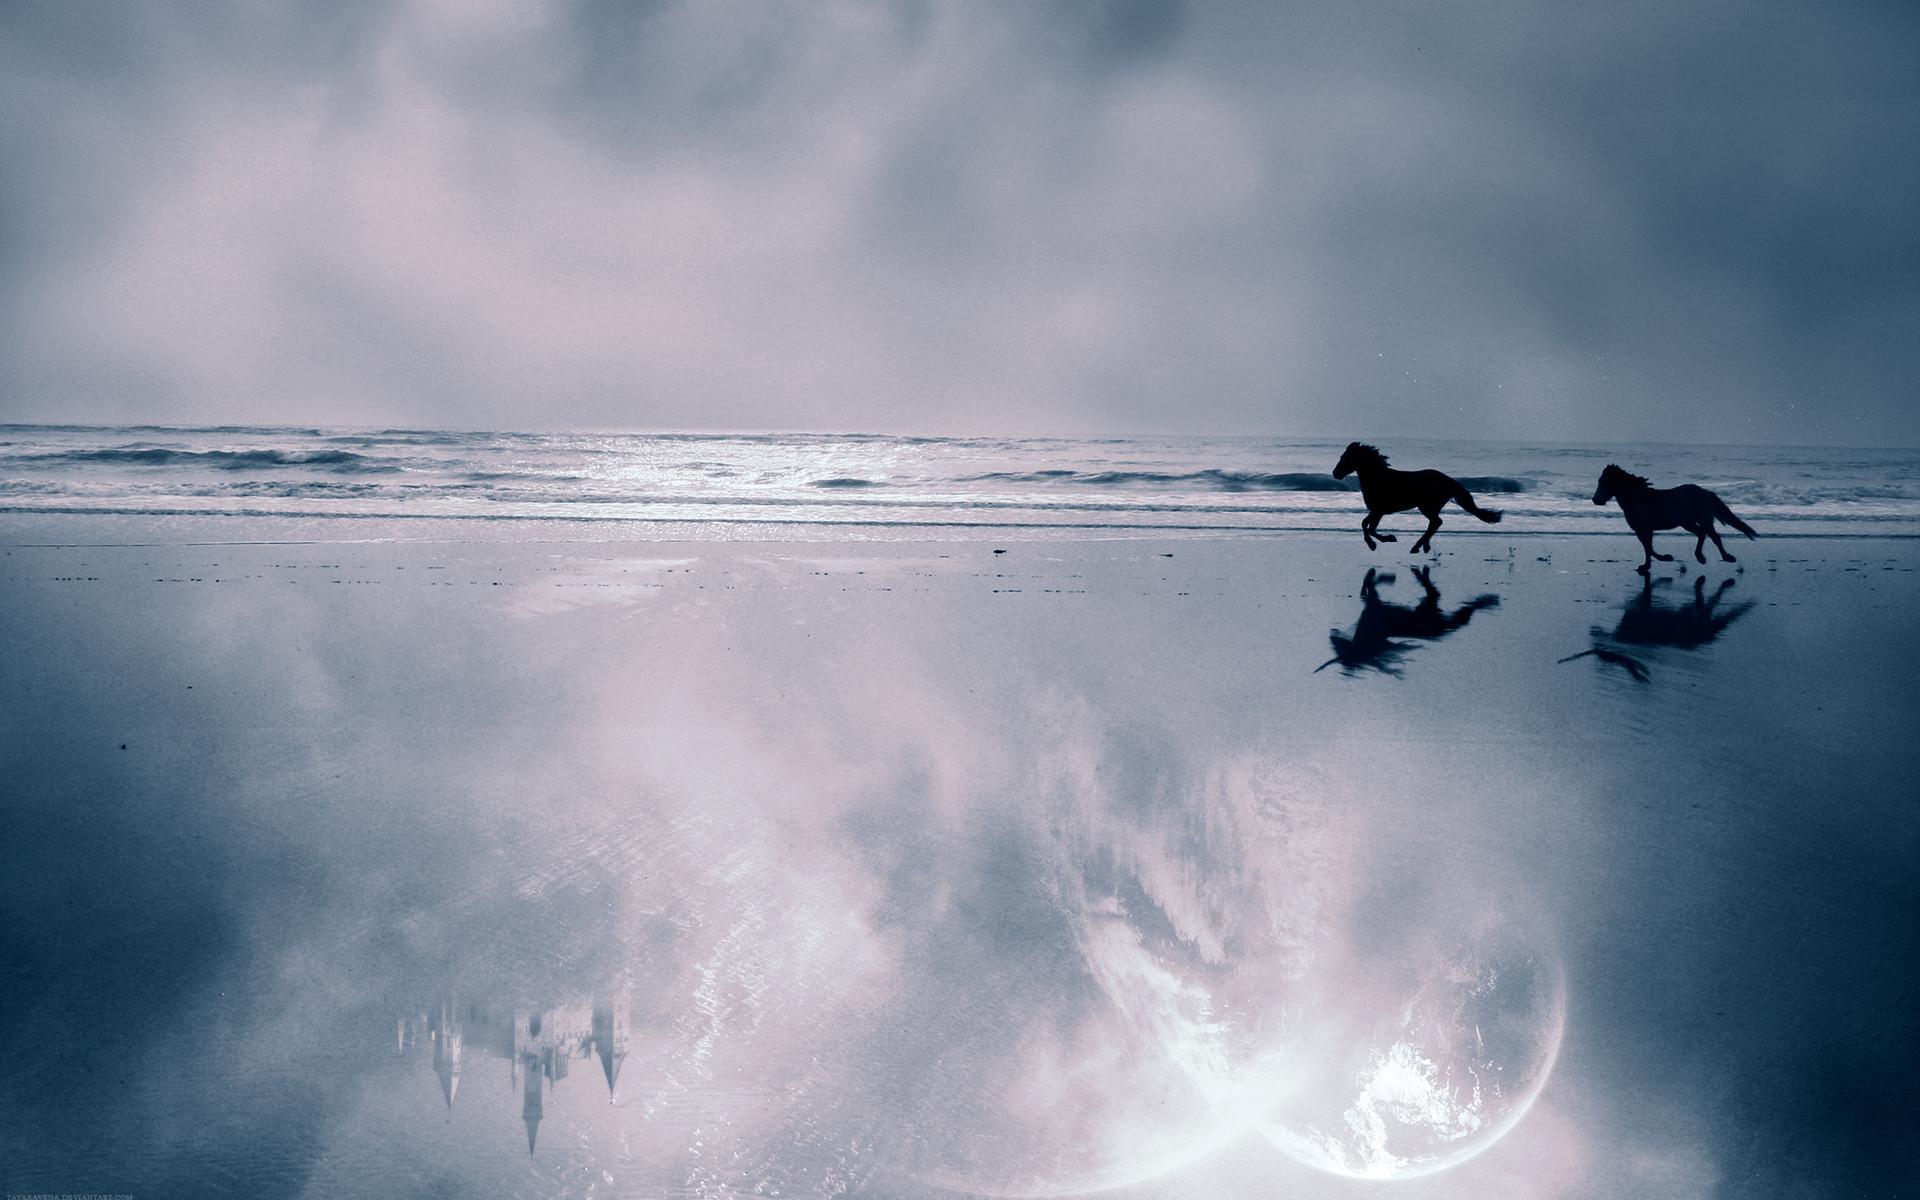 природа берег море гора скала лошадь наездник загрузить